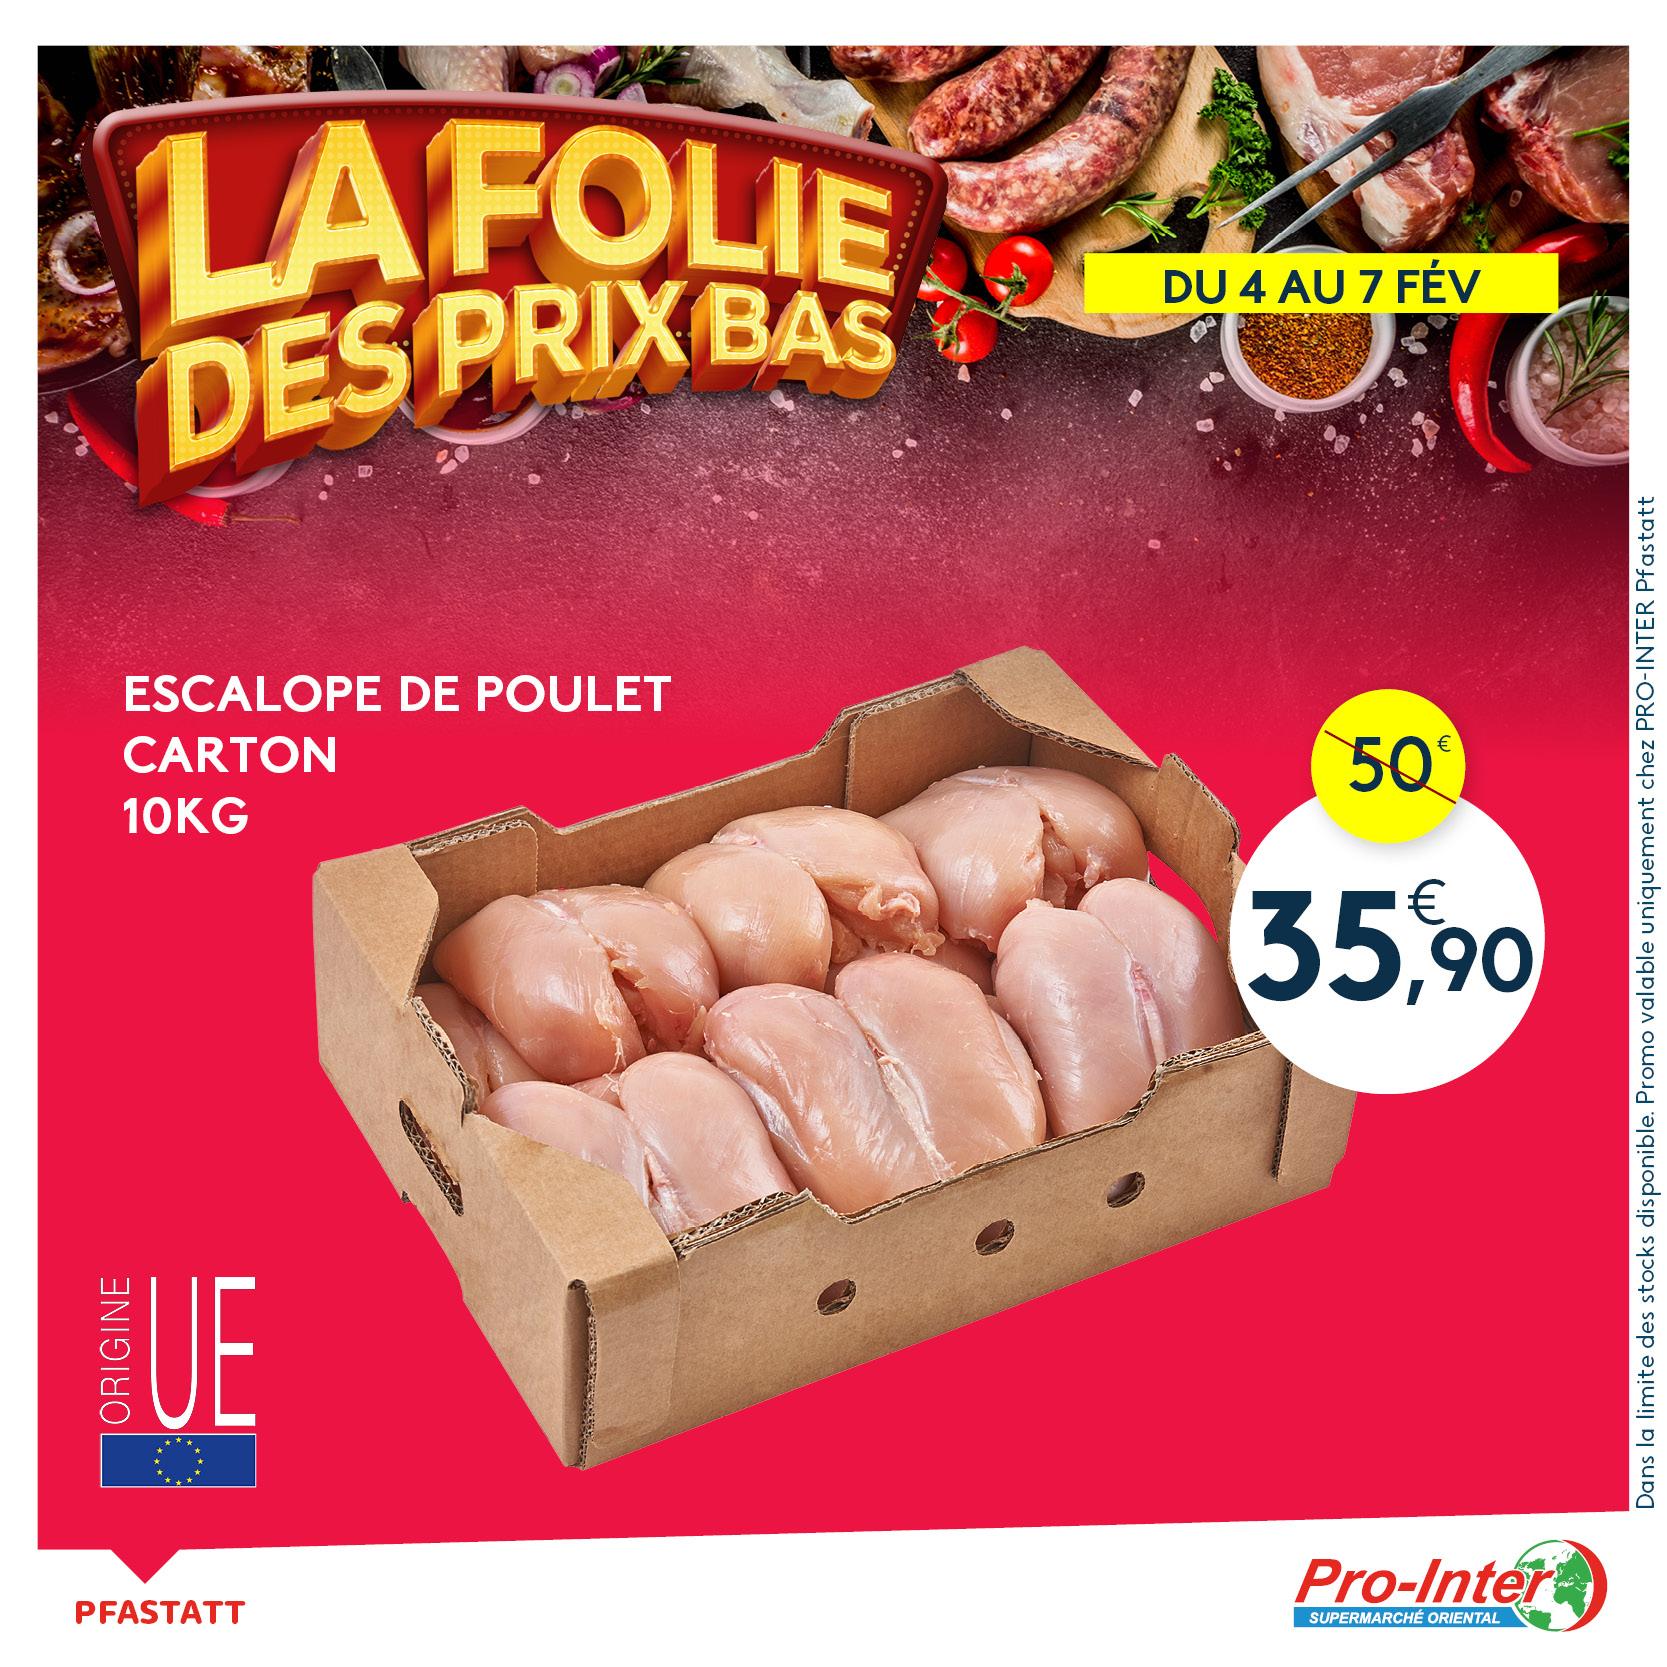 Escalope de poulet (10Kg) - Supermarché Pro-Inter (Pfastatt 68)